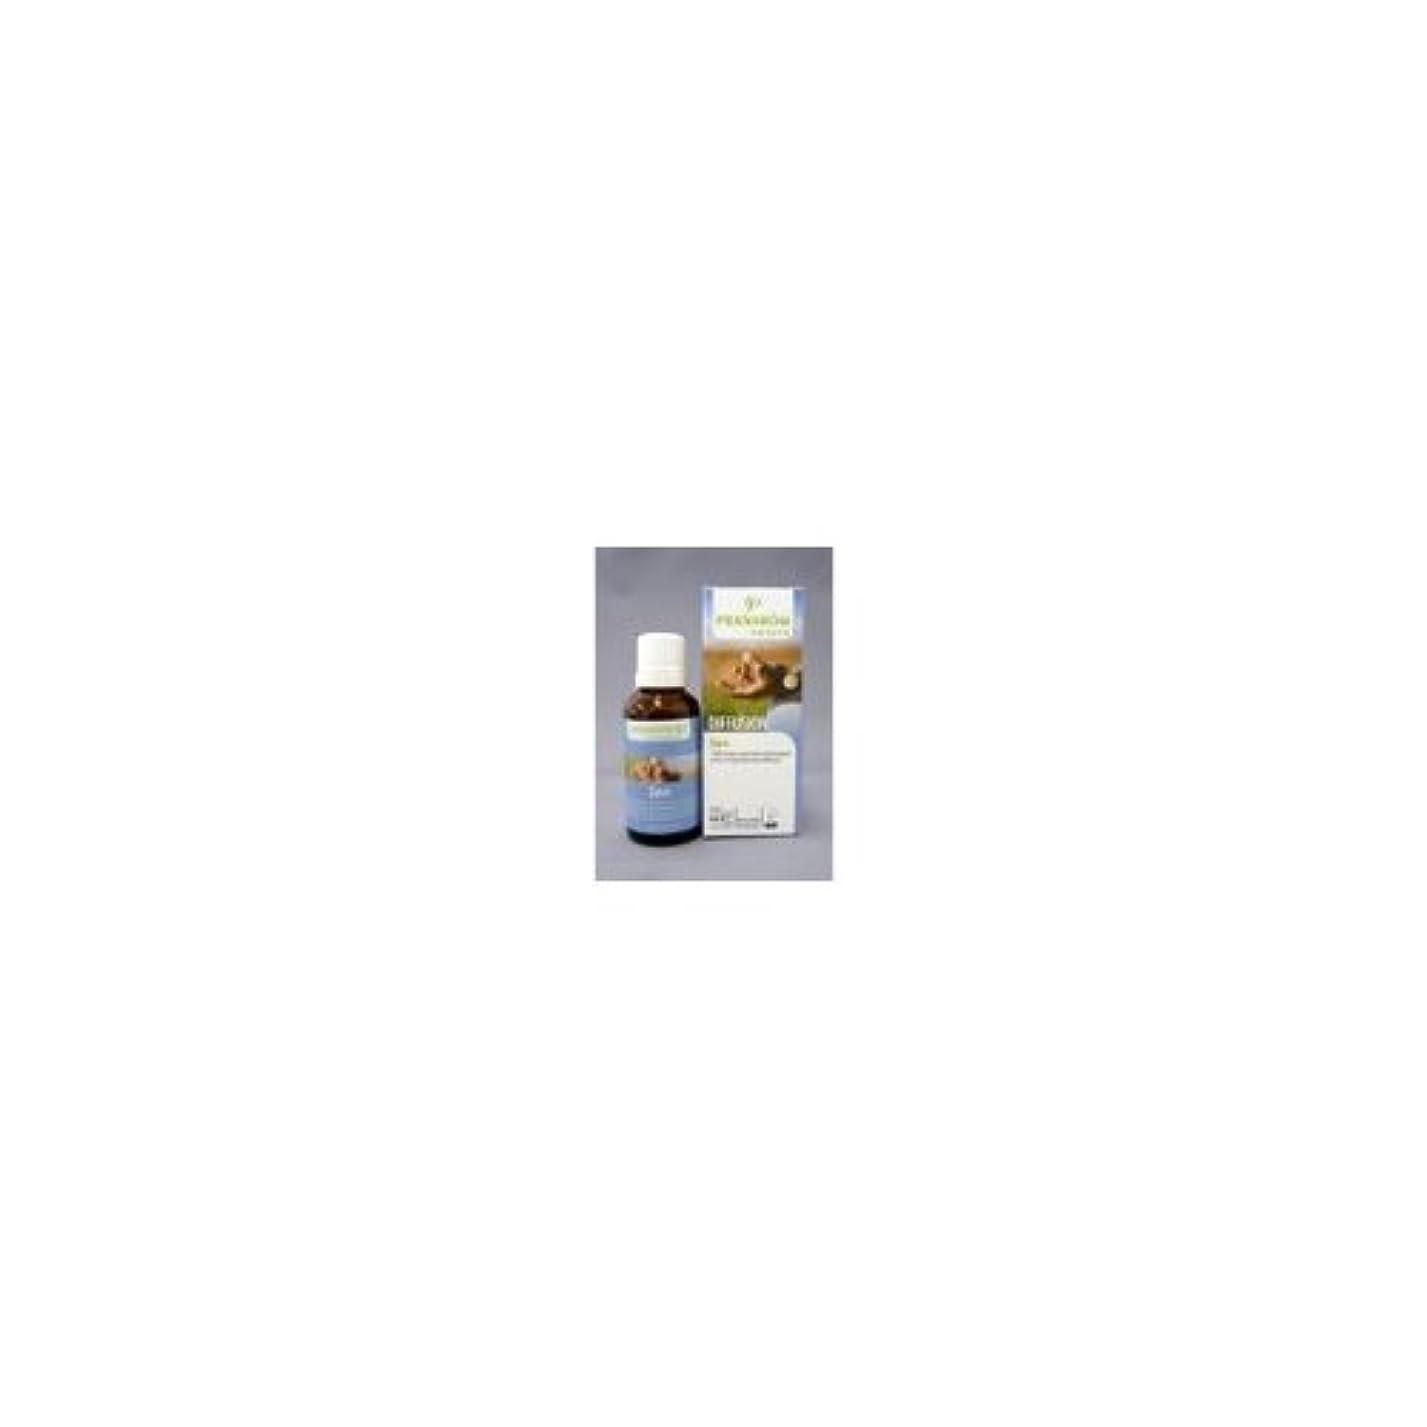 大理石セマフォ大破穏やかな日々(Zen)/プラナロム社のエアフレッシュナー